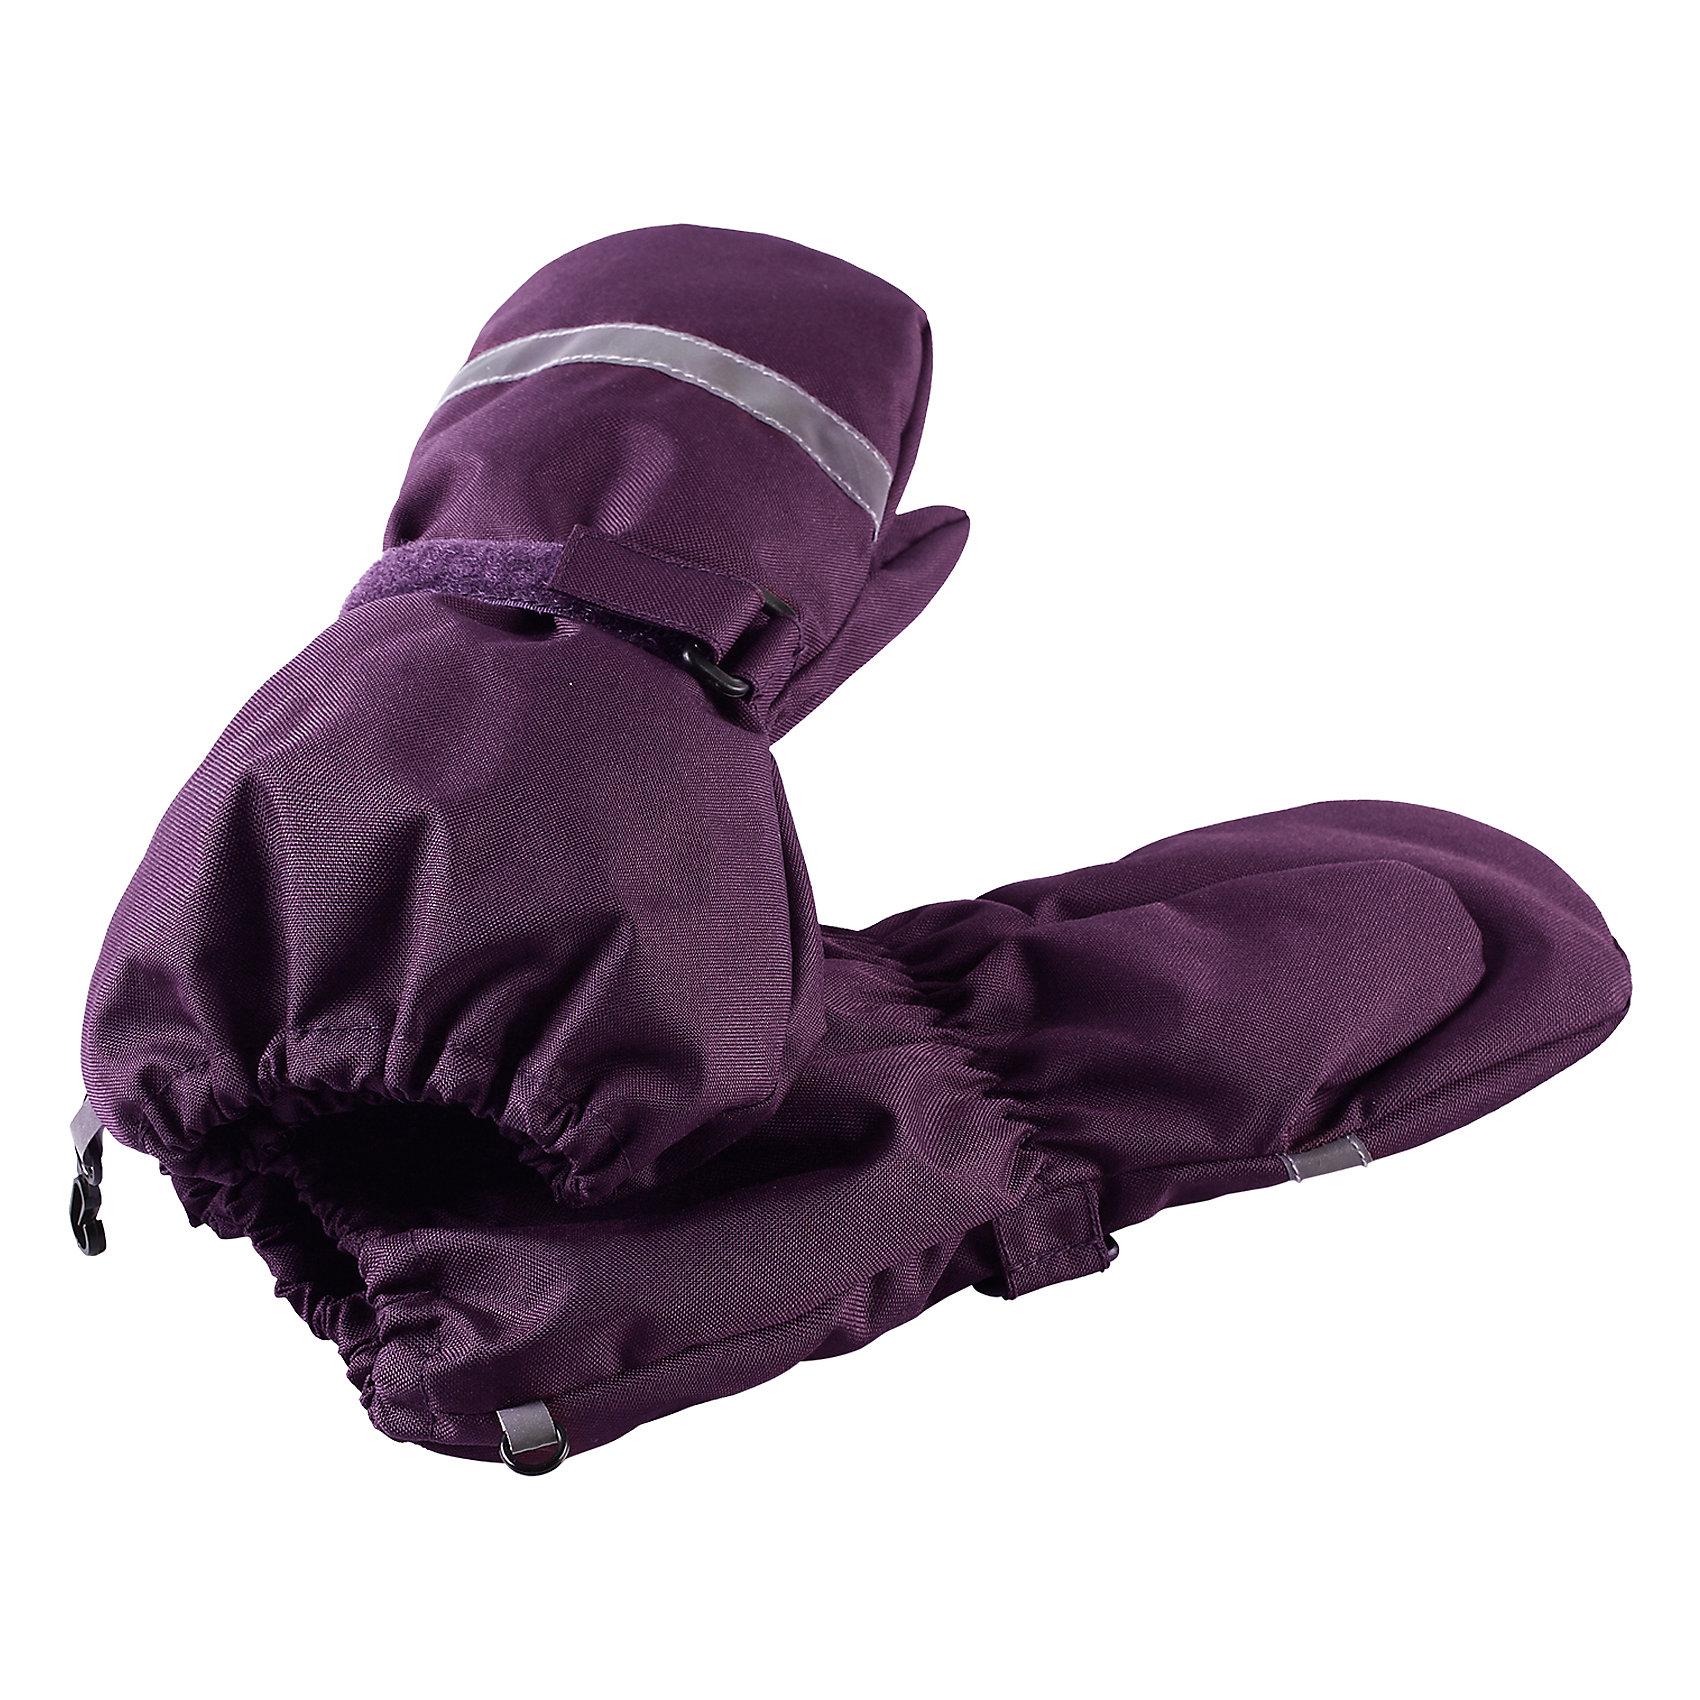 Варежки LassieПерчатки и варежки<br>Давайте слепим снеговика! Эти детские варежки усилены сверхпрочным материалом, который гарантирует отсутствие скольжения даже на ледяных поверхностях – катать в них снежки просто и весело! Нежная и мягкая на ощупь трикотажная подкладка с начесом обеспечивает дополнительное утепление. Благодаря удобной застежке на липучке они хорошо и плотно сидят на руке.<br>Состав:<br>100% Полиэстер<br><br>Ширина мм: 162<br>Глубина мм: 171<br>Высота мм: 55<br>Вес г: 119<br>Цвет: лиловый<br>Возраст от месяцев: 96<br>Возраст до месяцев: 120<br>Пол: Унисекс<br>Возраст: Детский<br>Размер: 6,3,4,5<br>SKU: 6928031